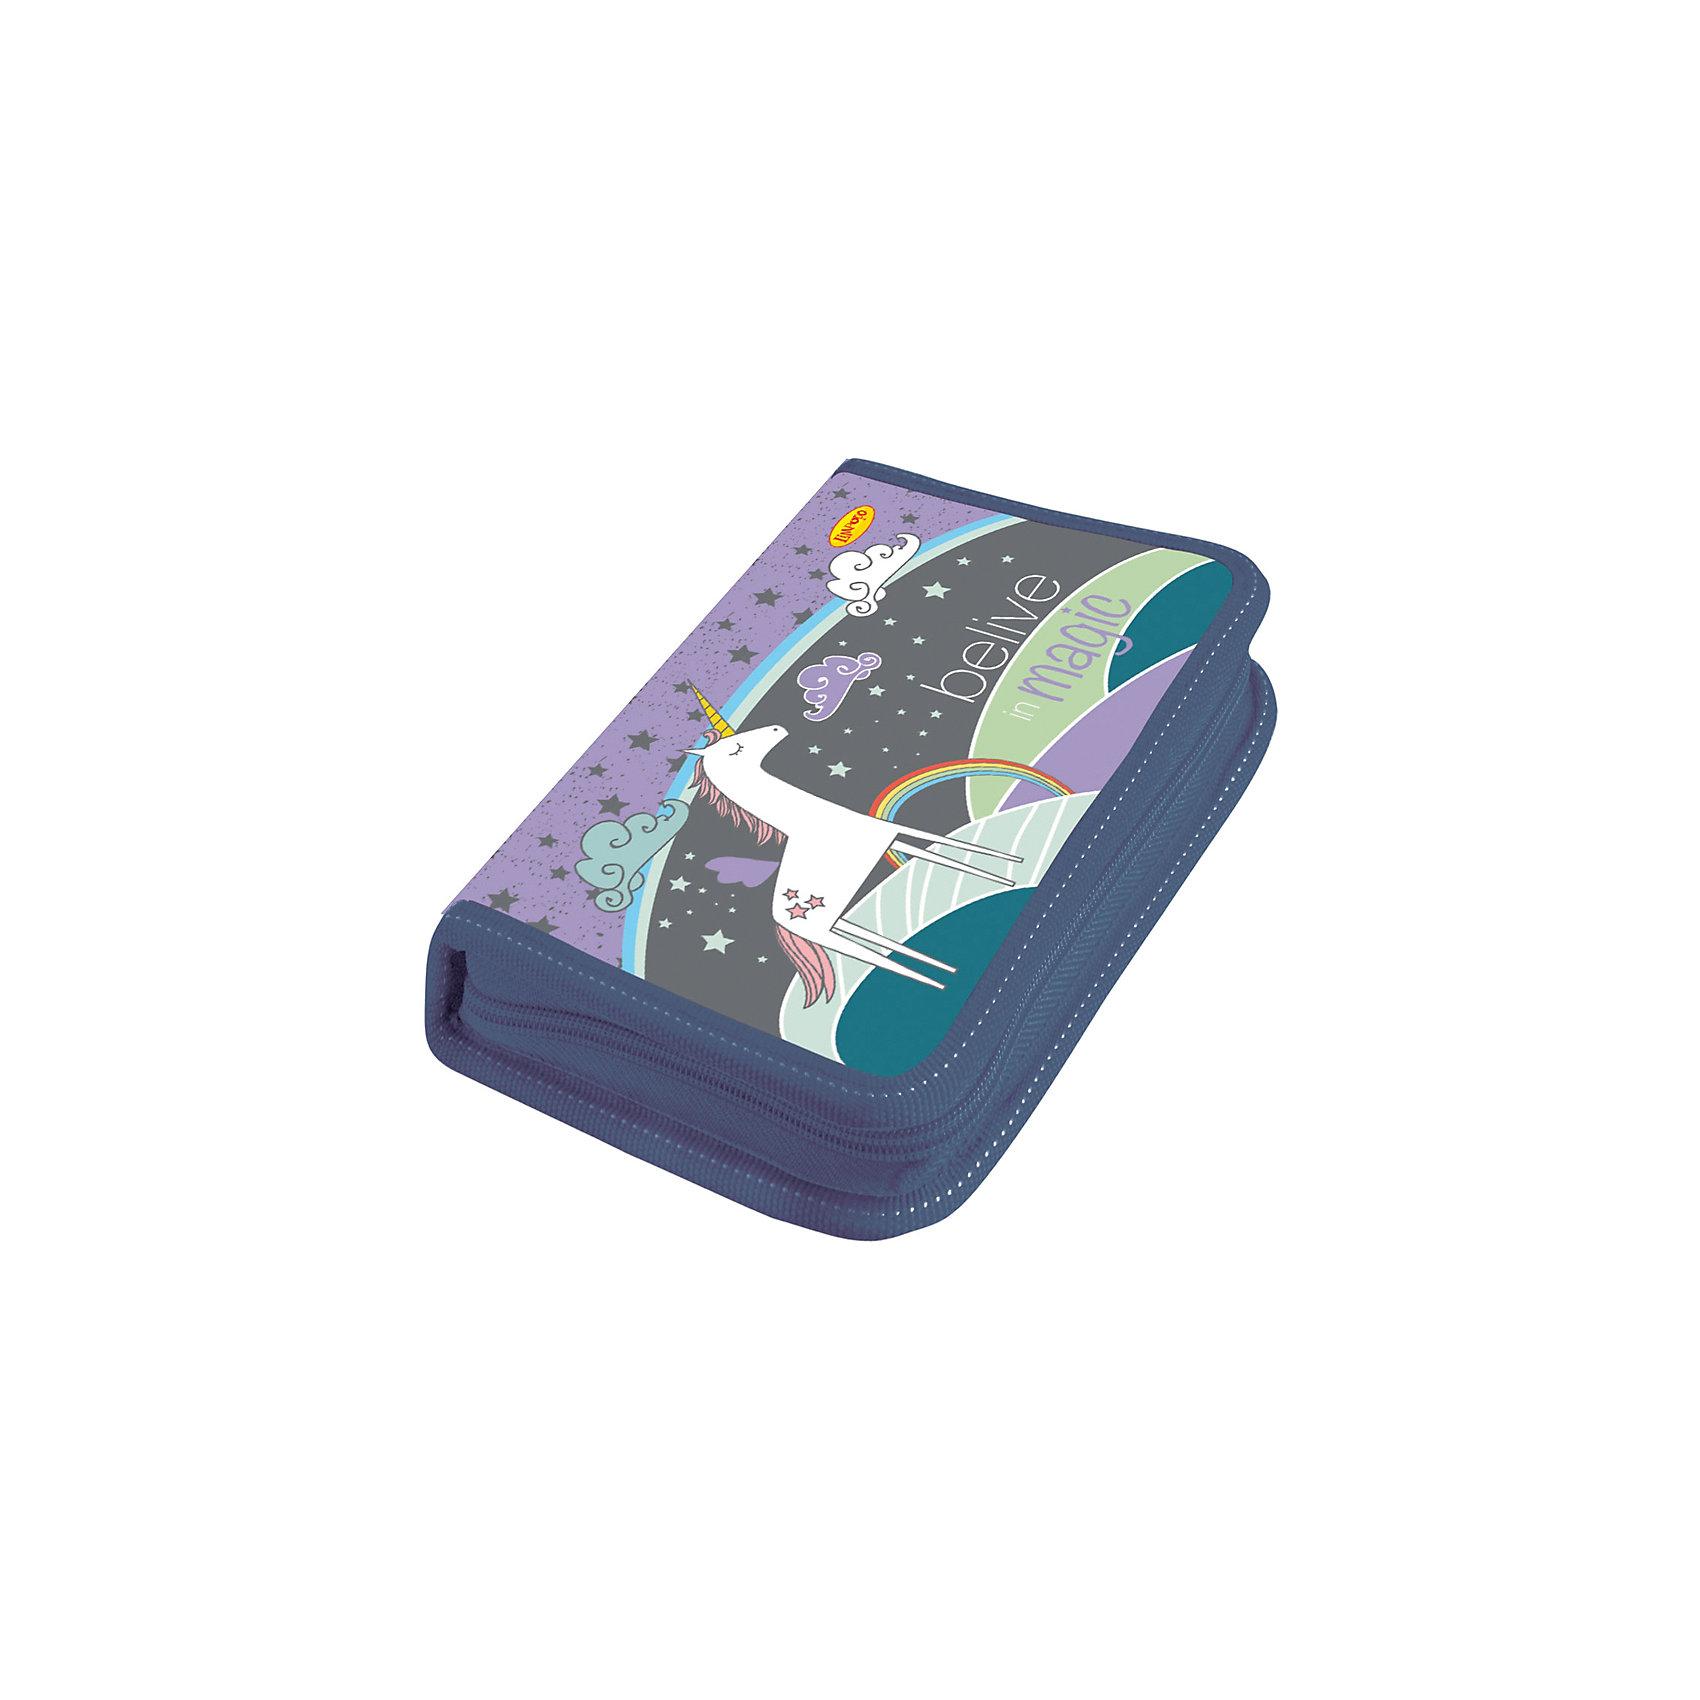 Пенал средний ЕдинорогШкольный пенал - одна из самых важных вещей для успешной учебы ребенка. Пенал средний, двухстворчатый, жесткий, ламинированный, на молнии, без наполнения. Внутри предусмотрены крепления для канцелярских принадлежностей. Внутренняя поверхность пенала легко чиститься от следов ручек и карандашей с помощью влажной тряпки и мыльного раствора.<br><br>Ширина мм: 195<br>Глубина мм: 27<br>Высота мм: 11<br>Вес г: 86<br>Возраст от месяцев: 48<br>Возраст до месяцев: 96<br>Пол: Женский<br>Возраст: Детский<br>SKU: 5525049